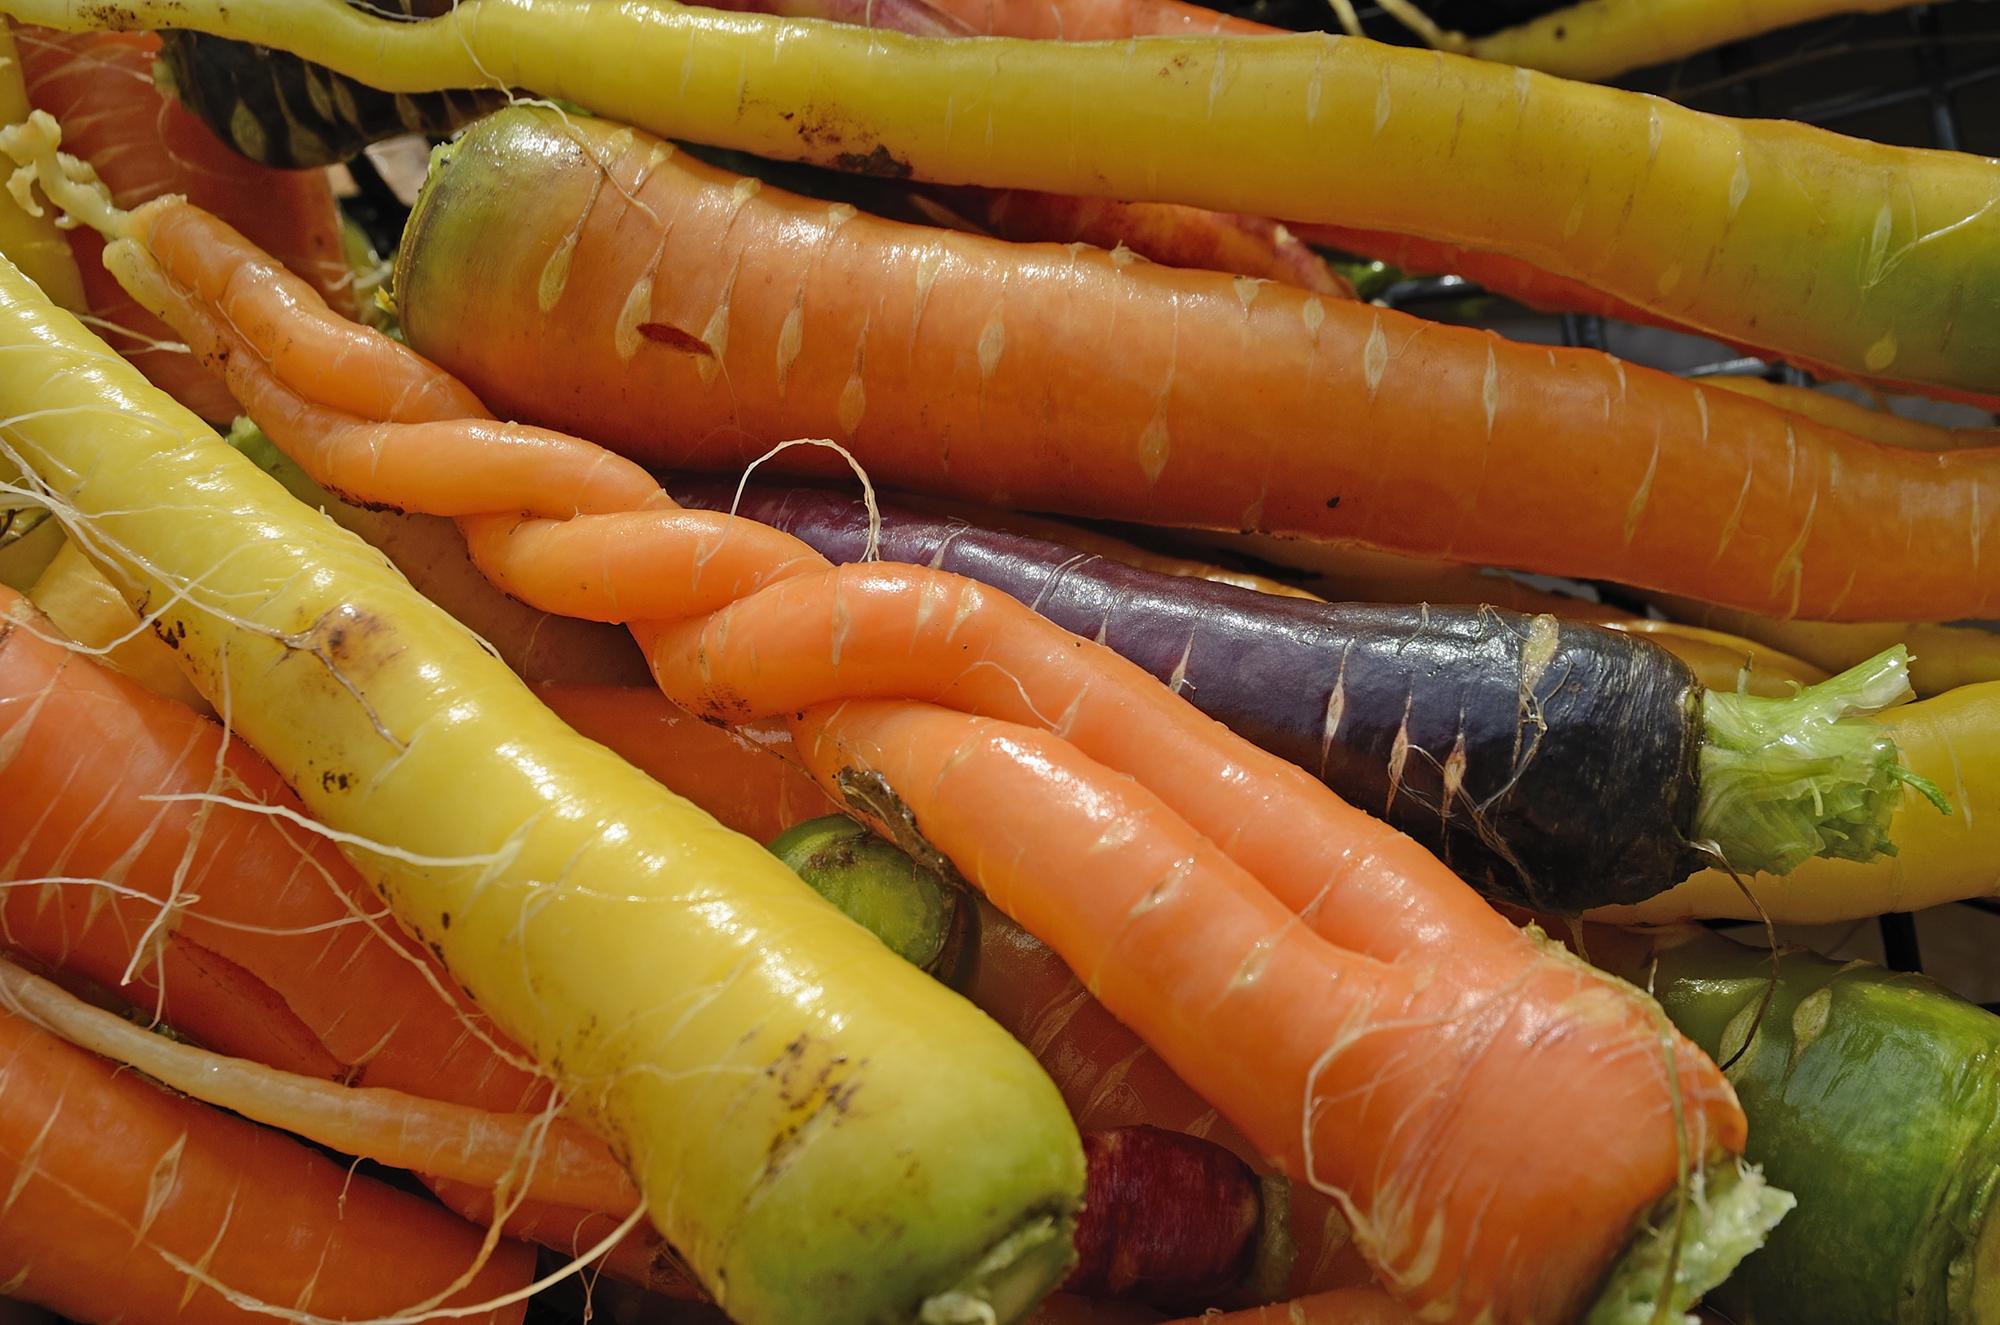 Non una carota qualunque - Slow Food - Buono, Pulito e Giusto.